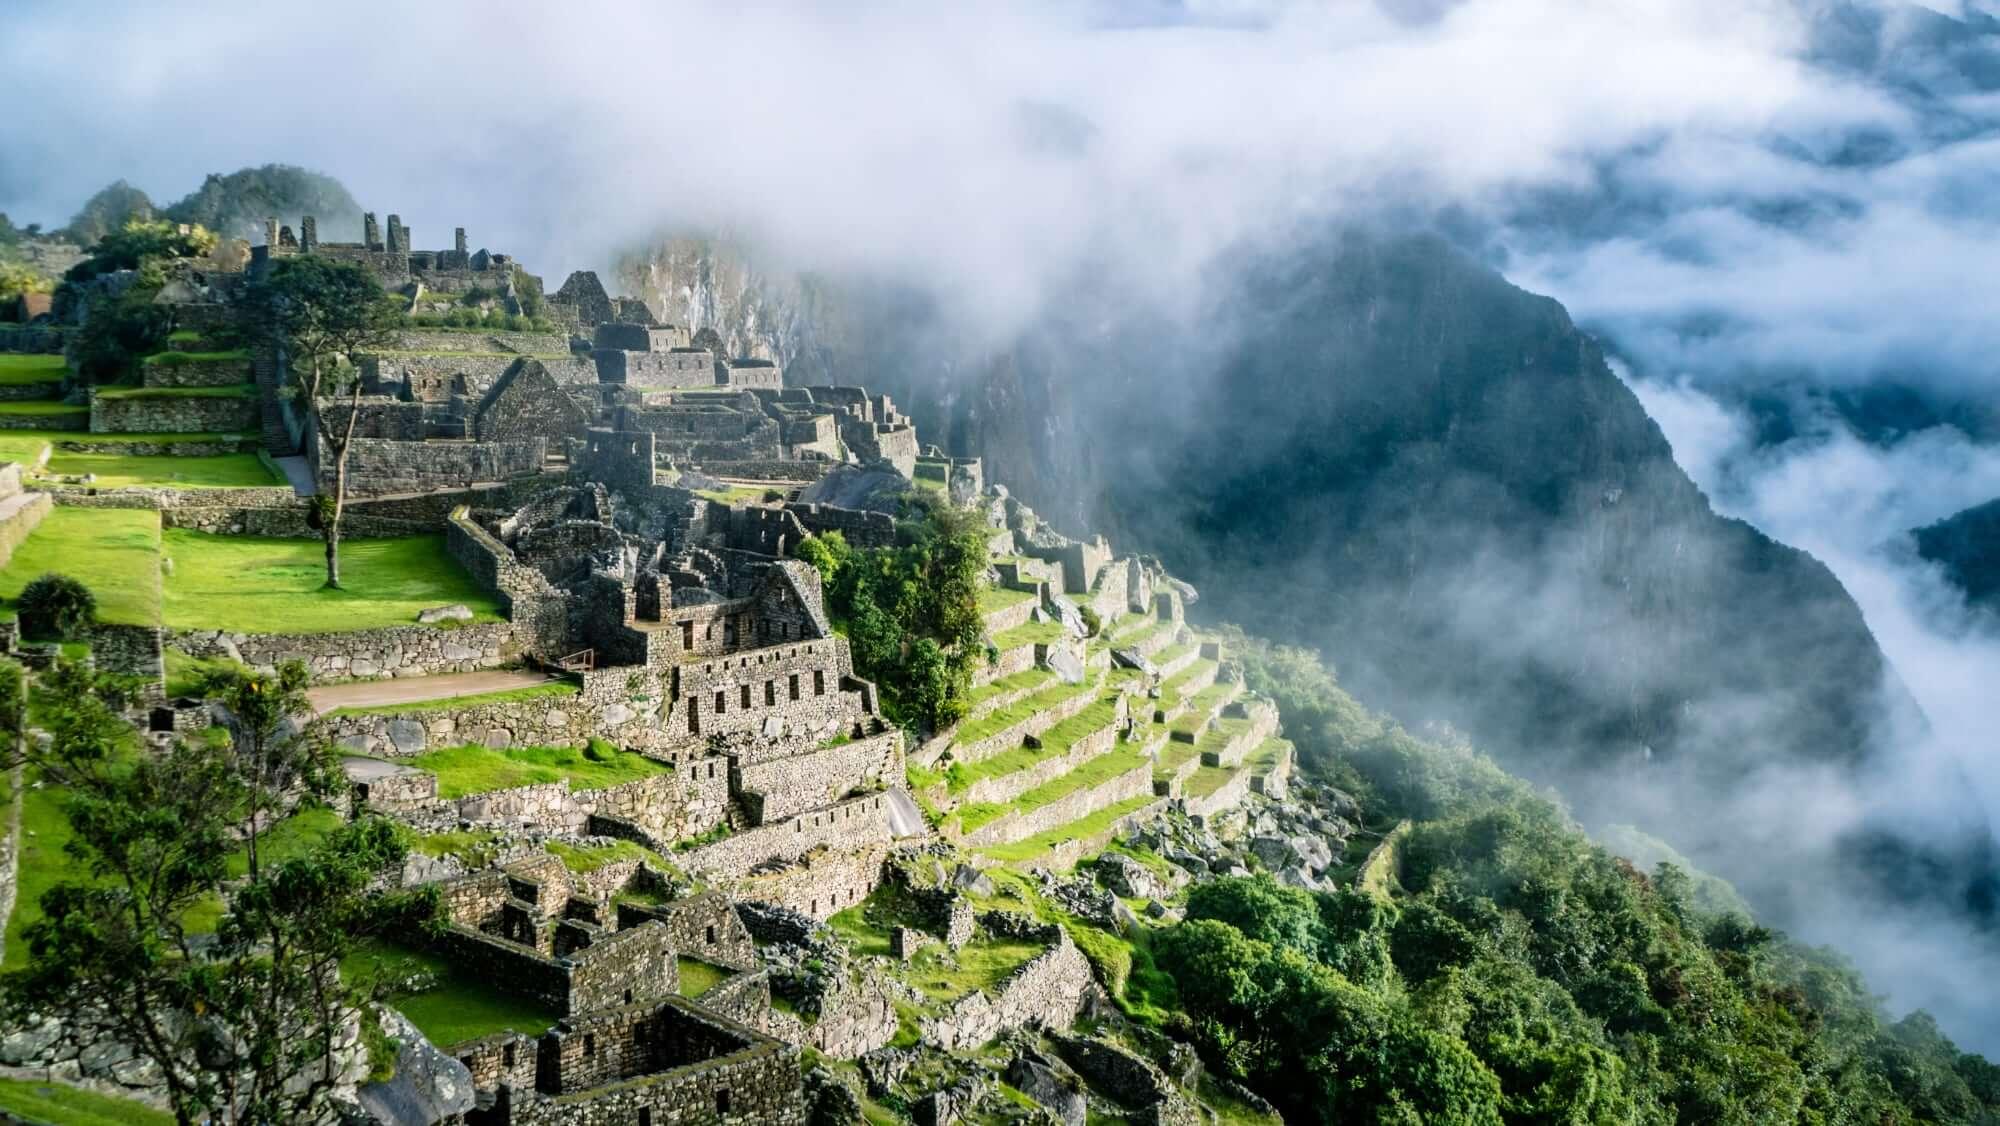 Machu Picchu and Urubamba Valley